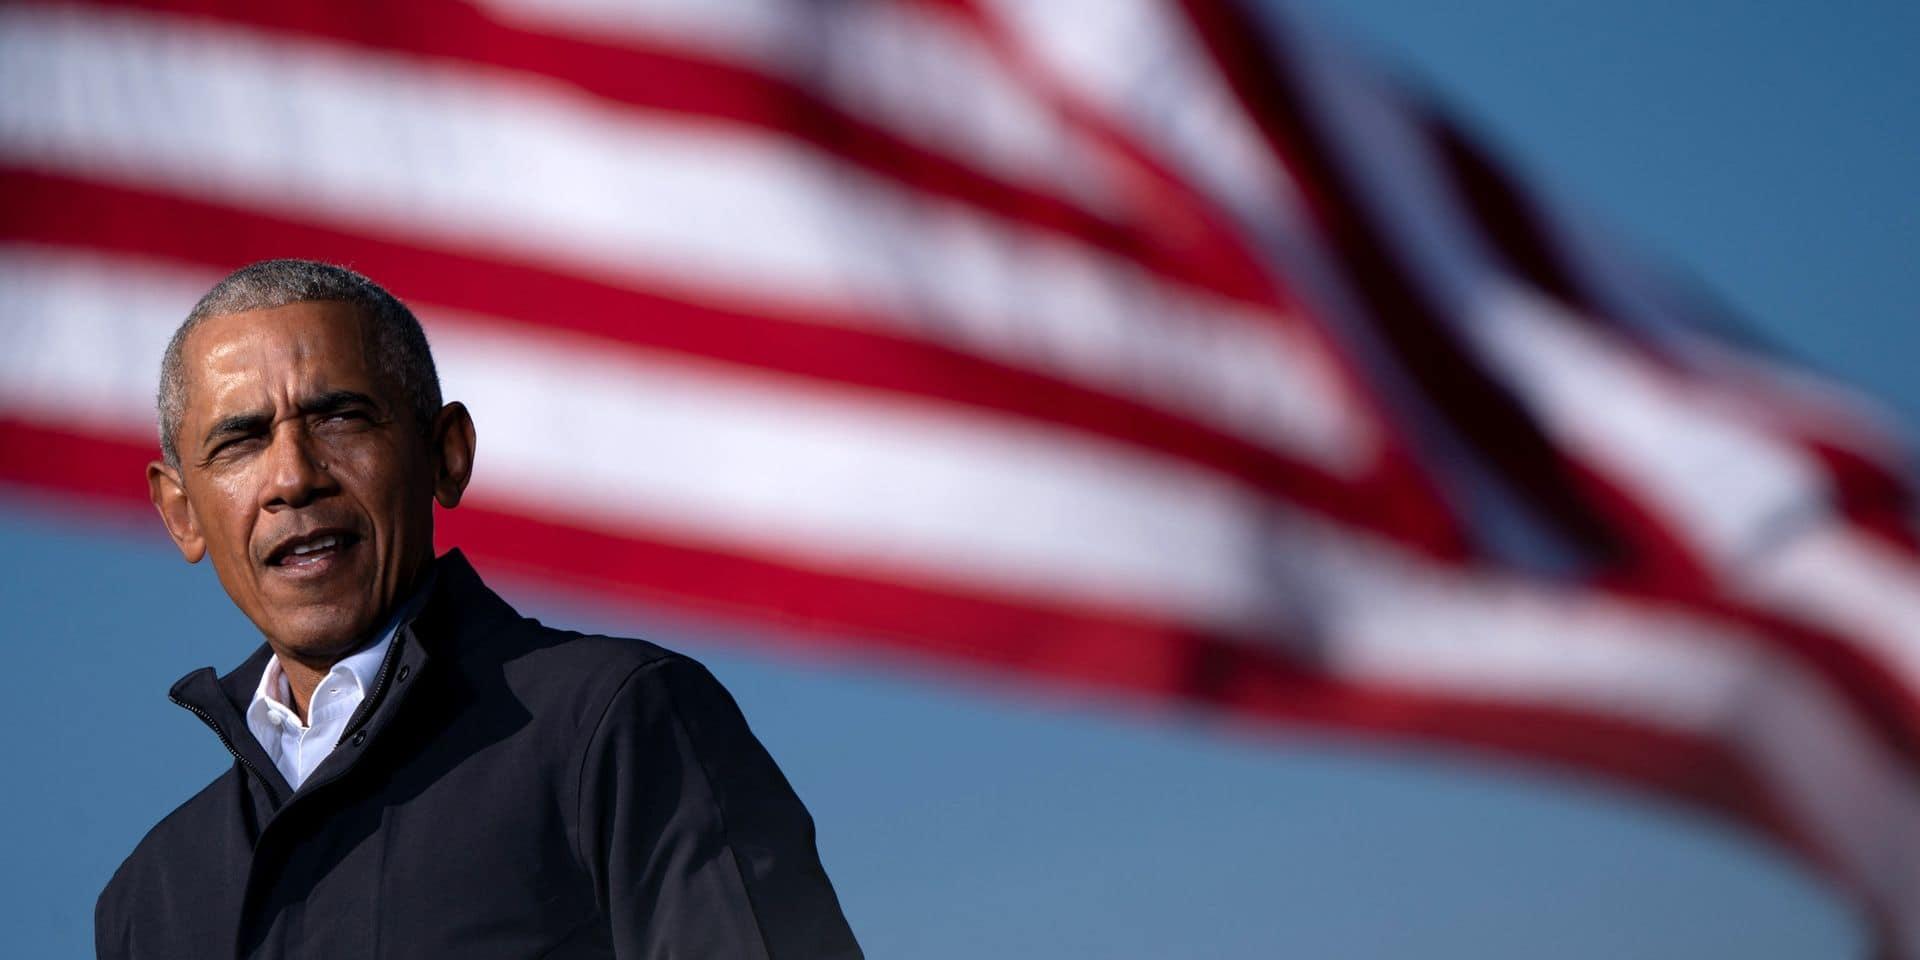 """Obama revient sur la présidence de Donald Trump dans un livre : """"Une seule élection ne règlera pas le problème"""""""